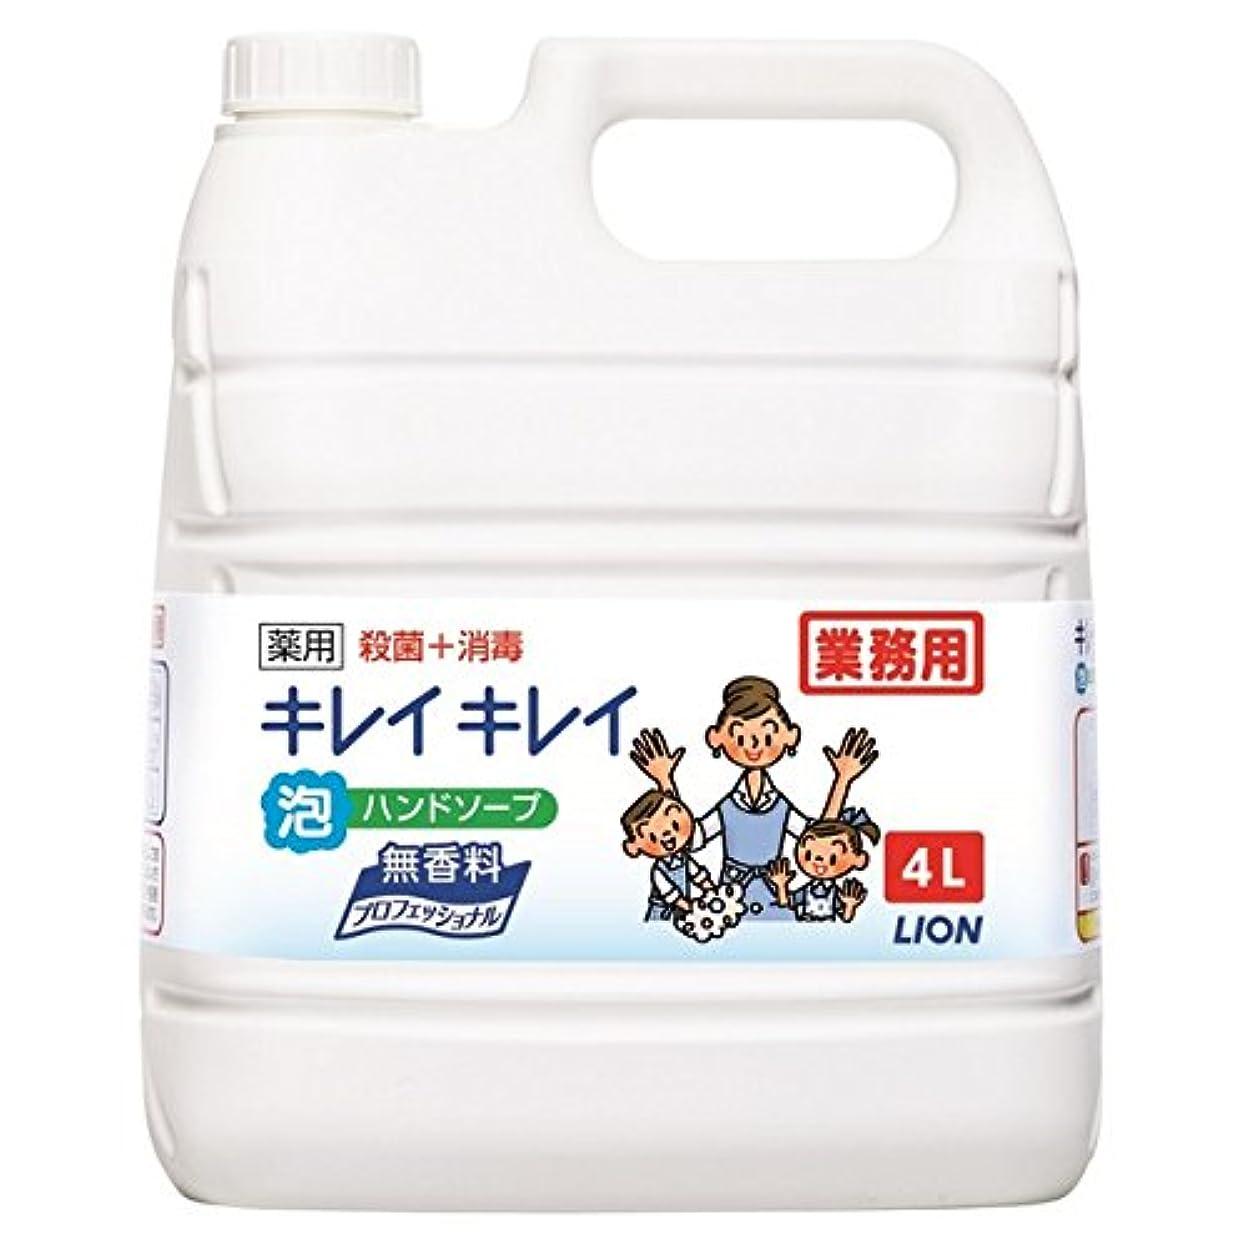 出席兵士邪悪なライオン キレイキレイ薬用泡ハンドソープ 無香料 4L×3本入